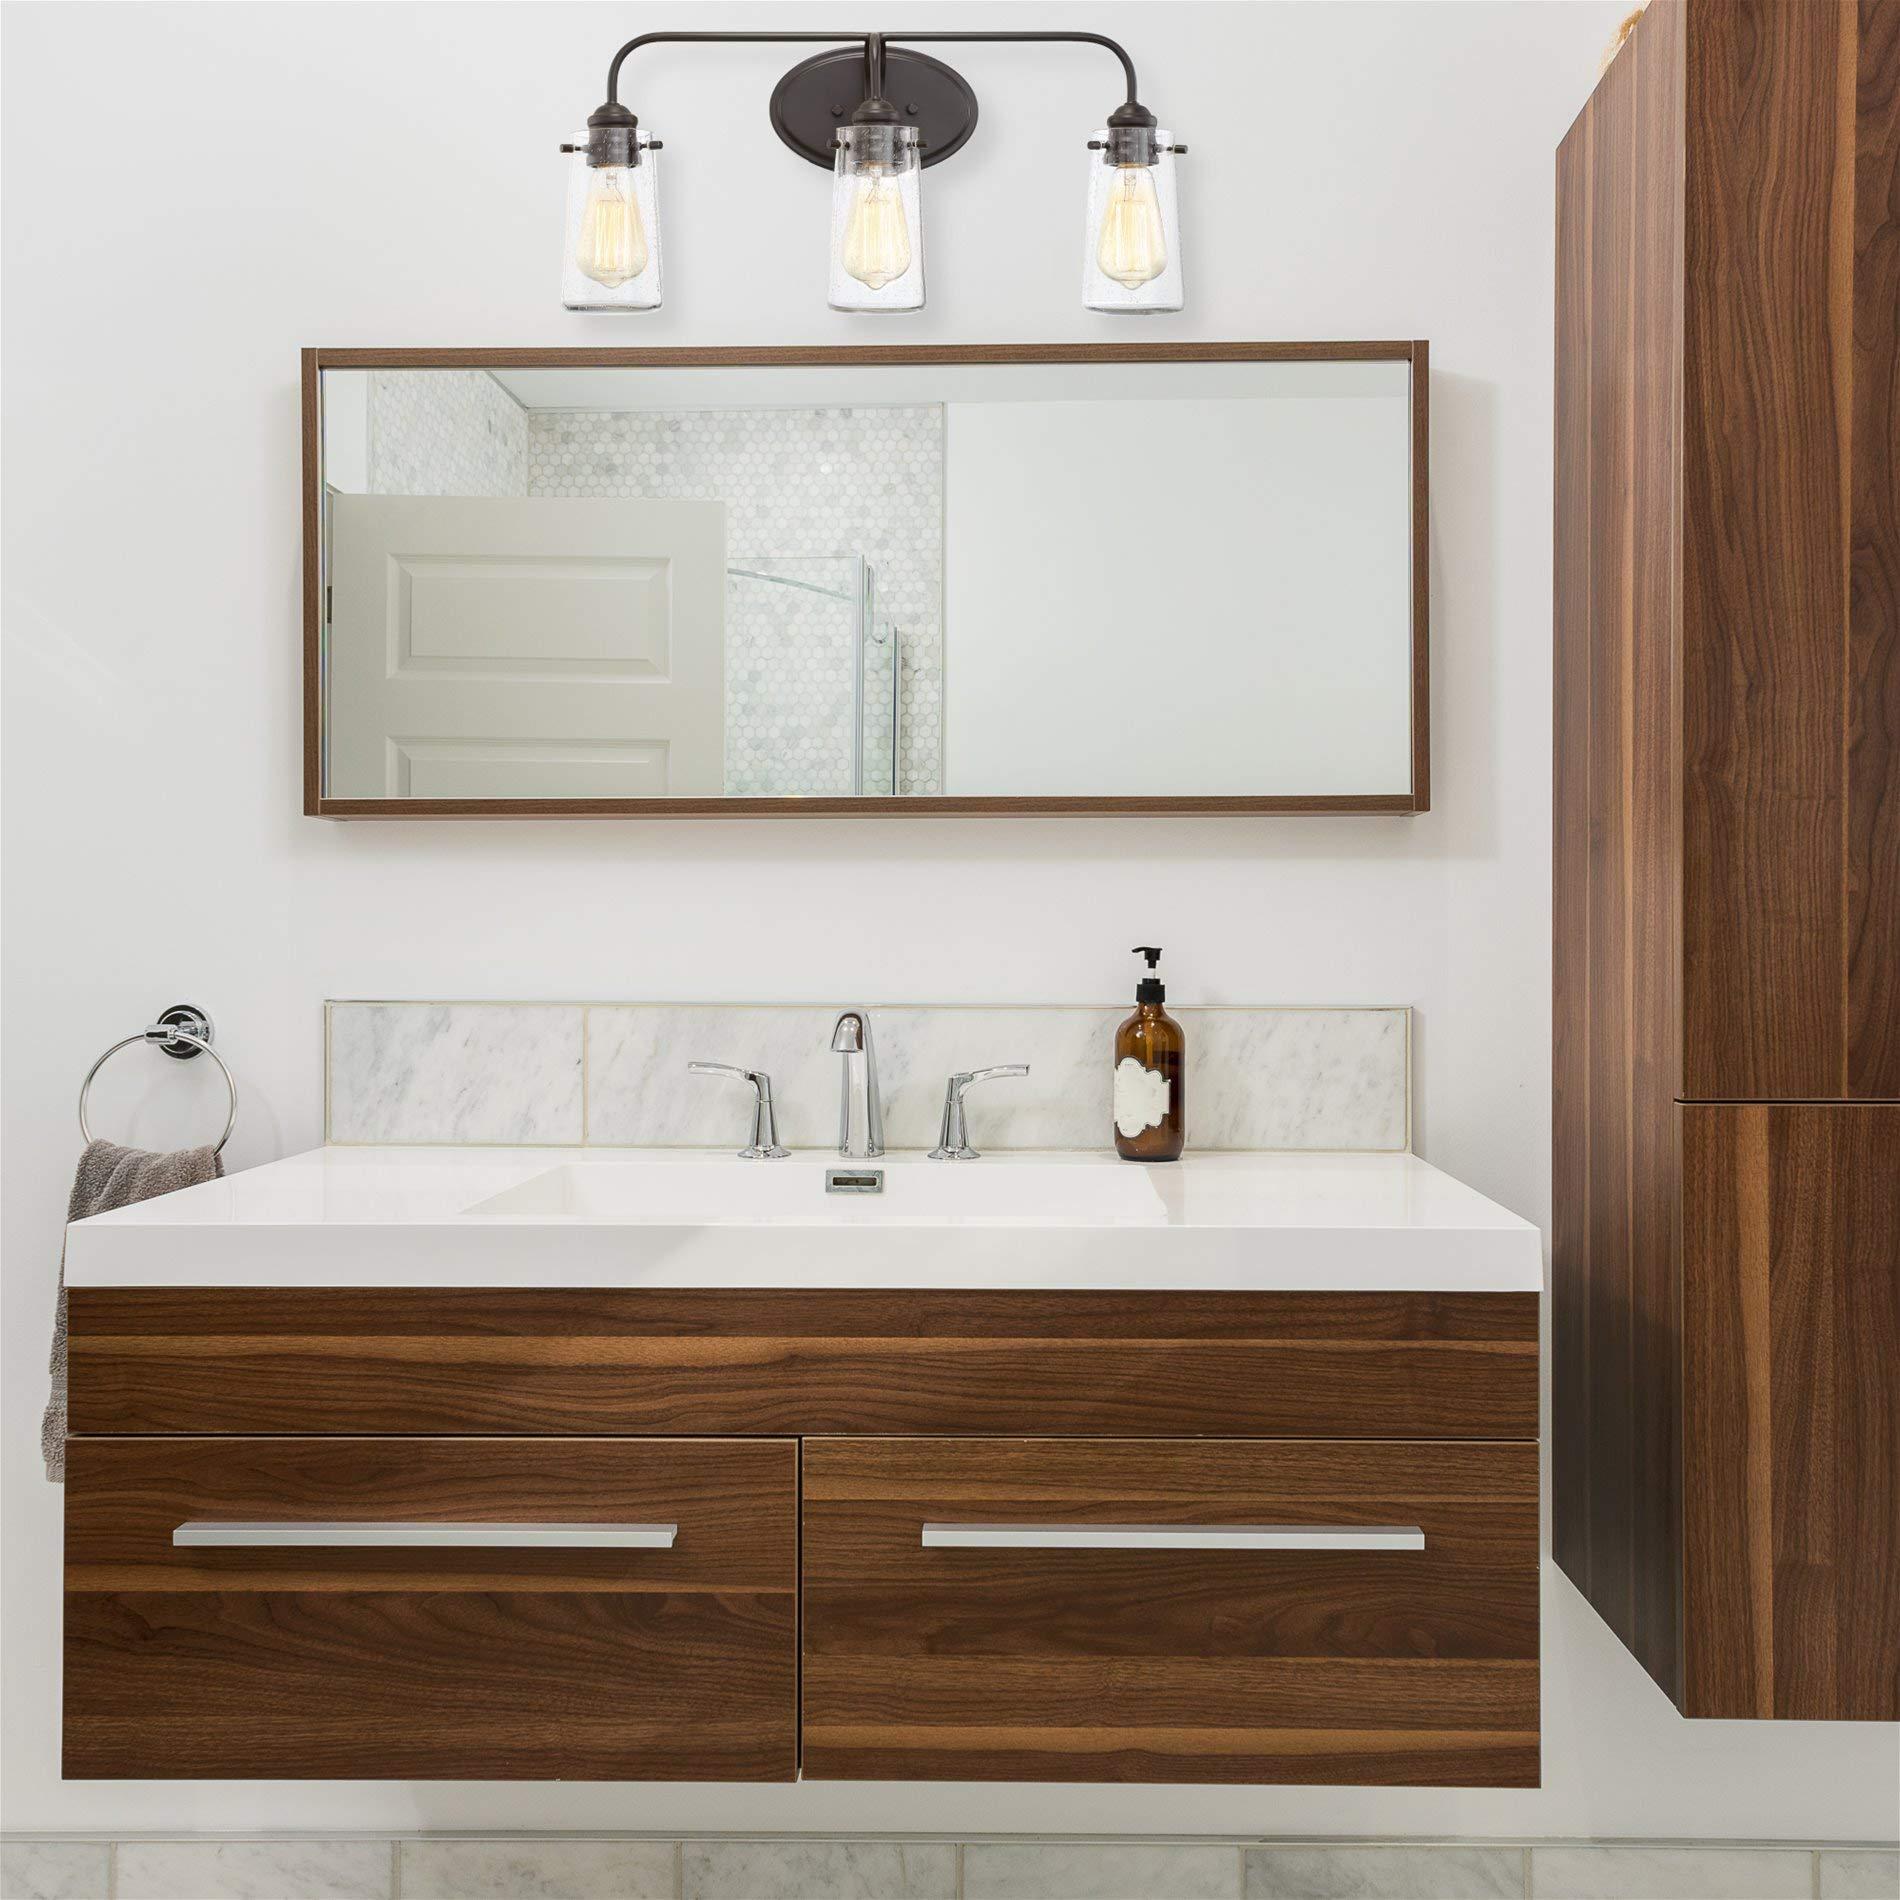 Kira Home Rayne 22.5'' Modern 3-Light Vanity/Bathroom Light, Seeded Glass + Matte Black Finish by Kira Home (Image #4)